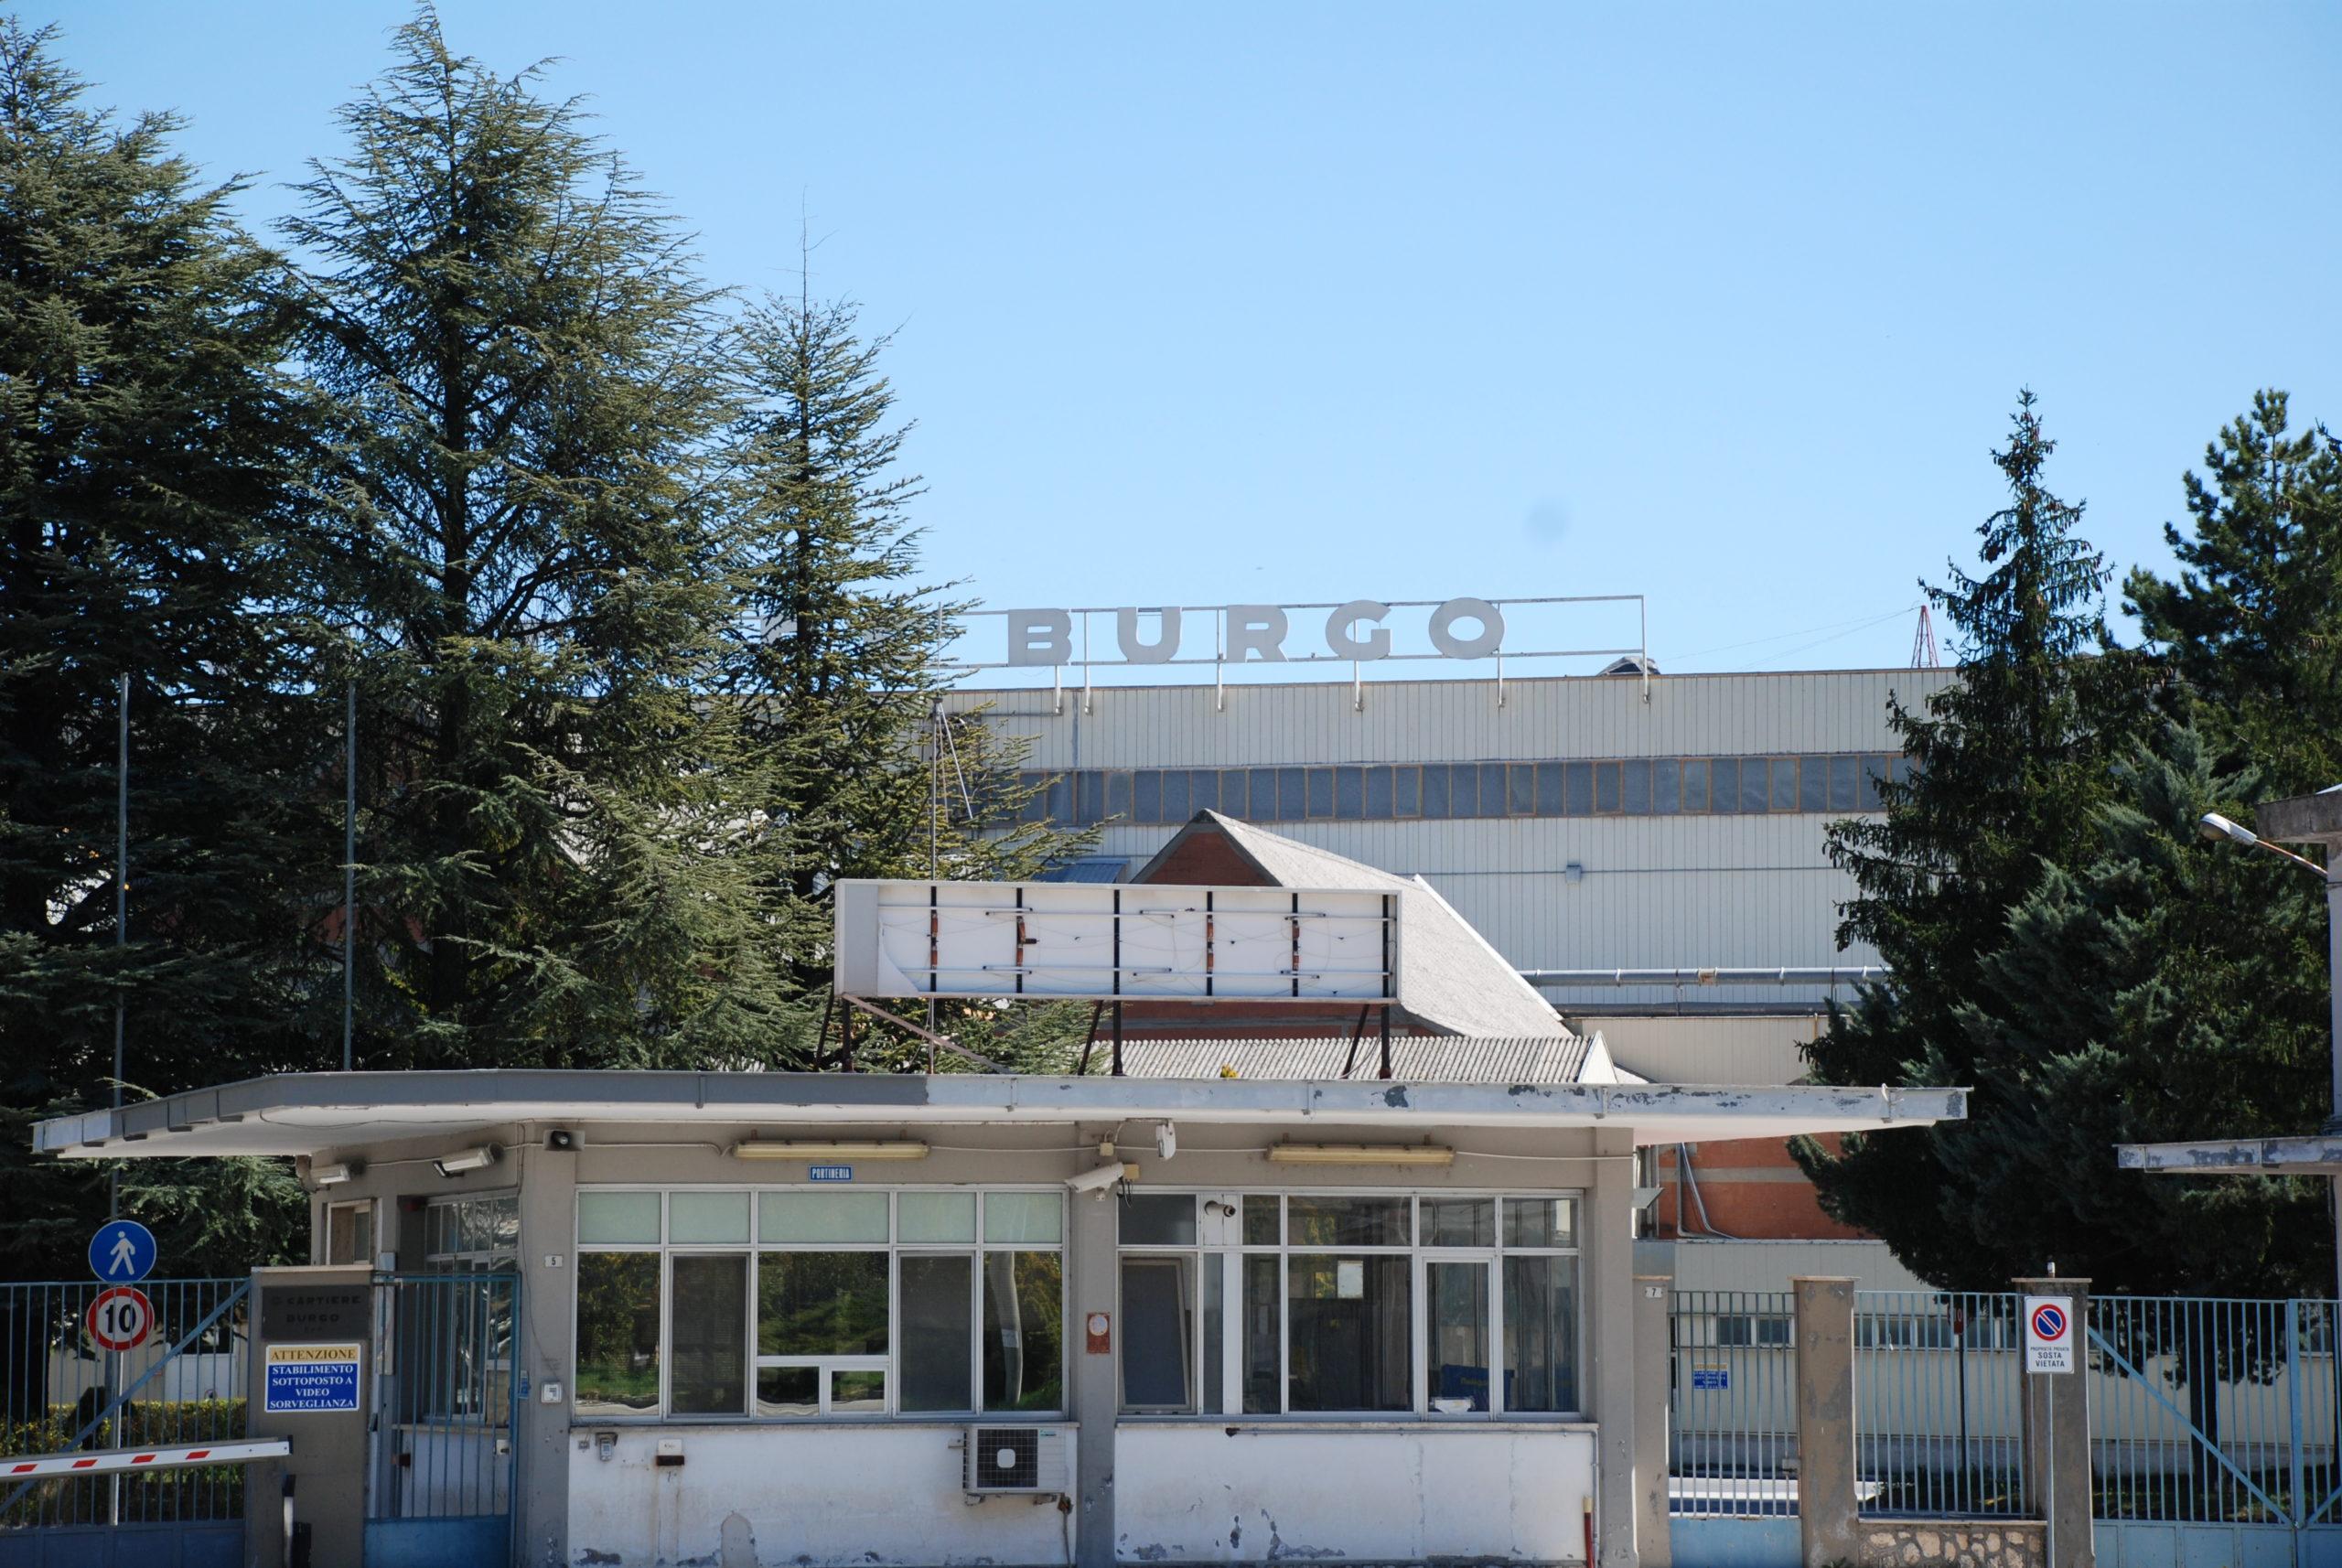 Cartiera Burgo di Avezzano, l'ing. Marco Pietro Errani, direttore dello stabilimento, parla della depurazione nel sito produttivo